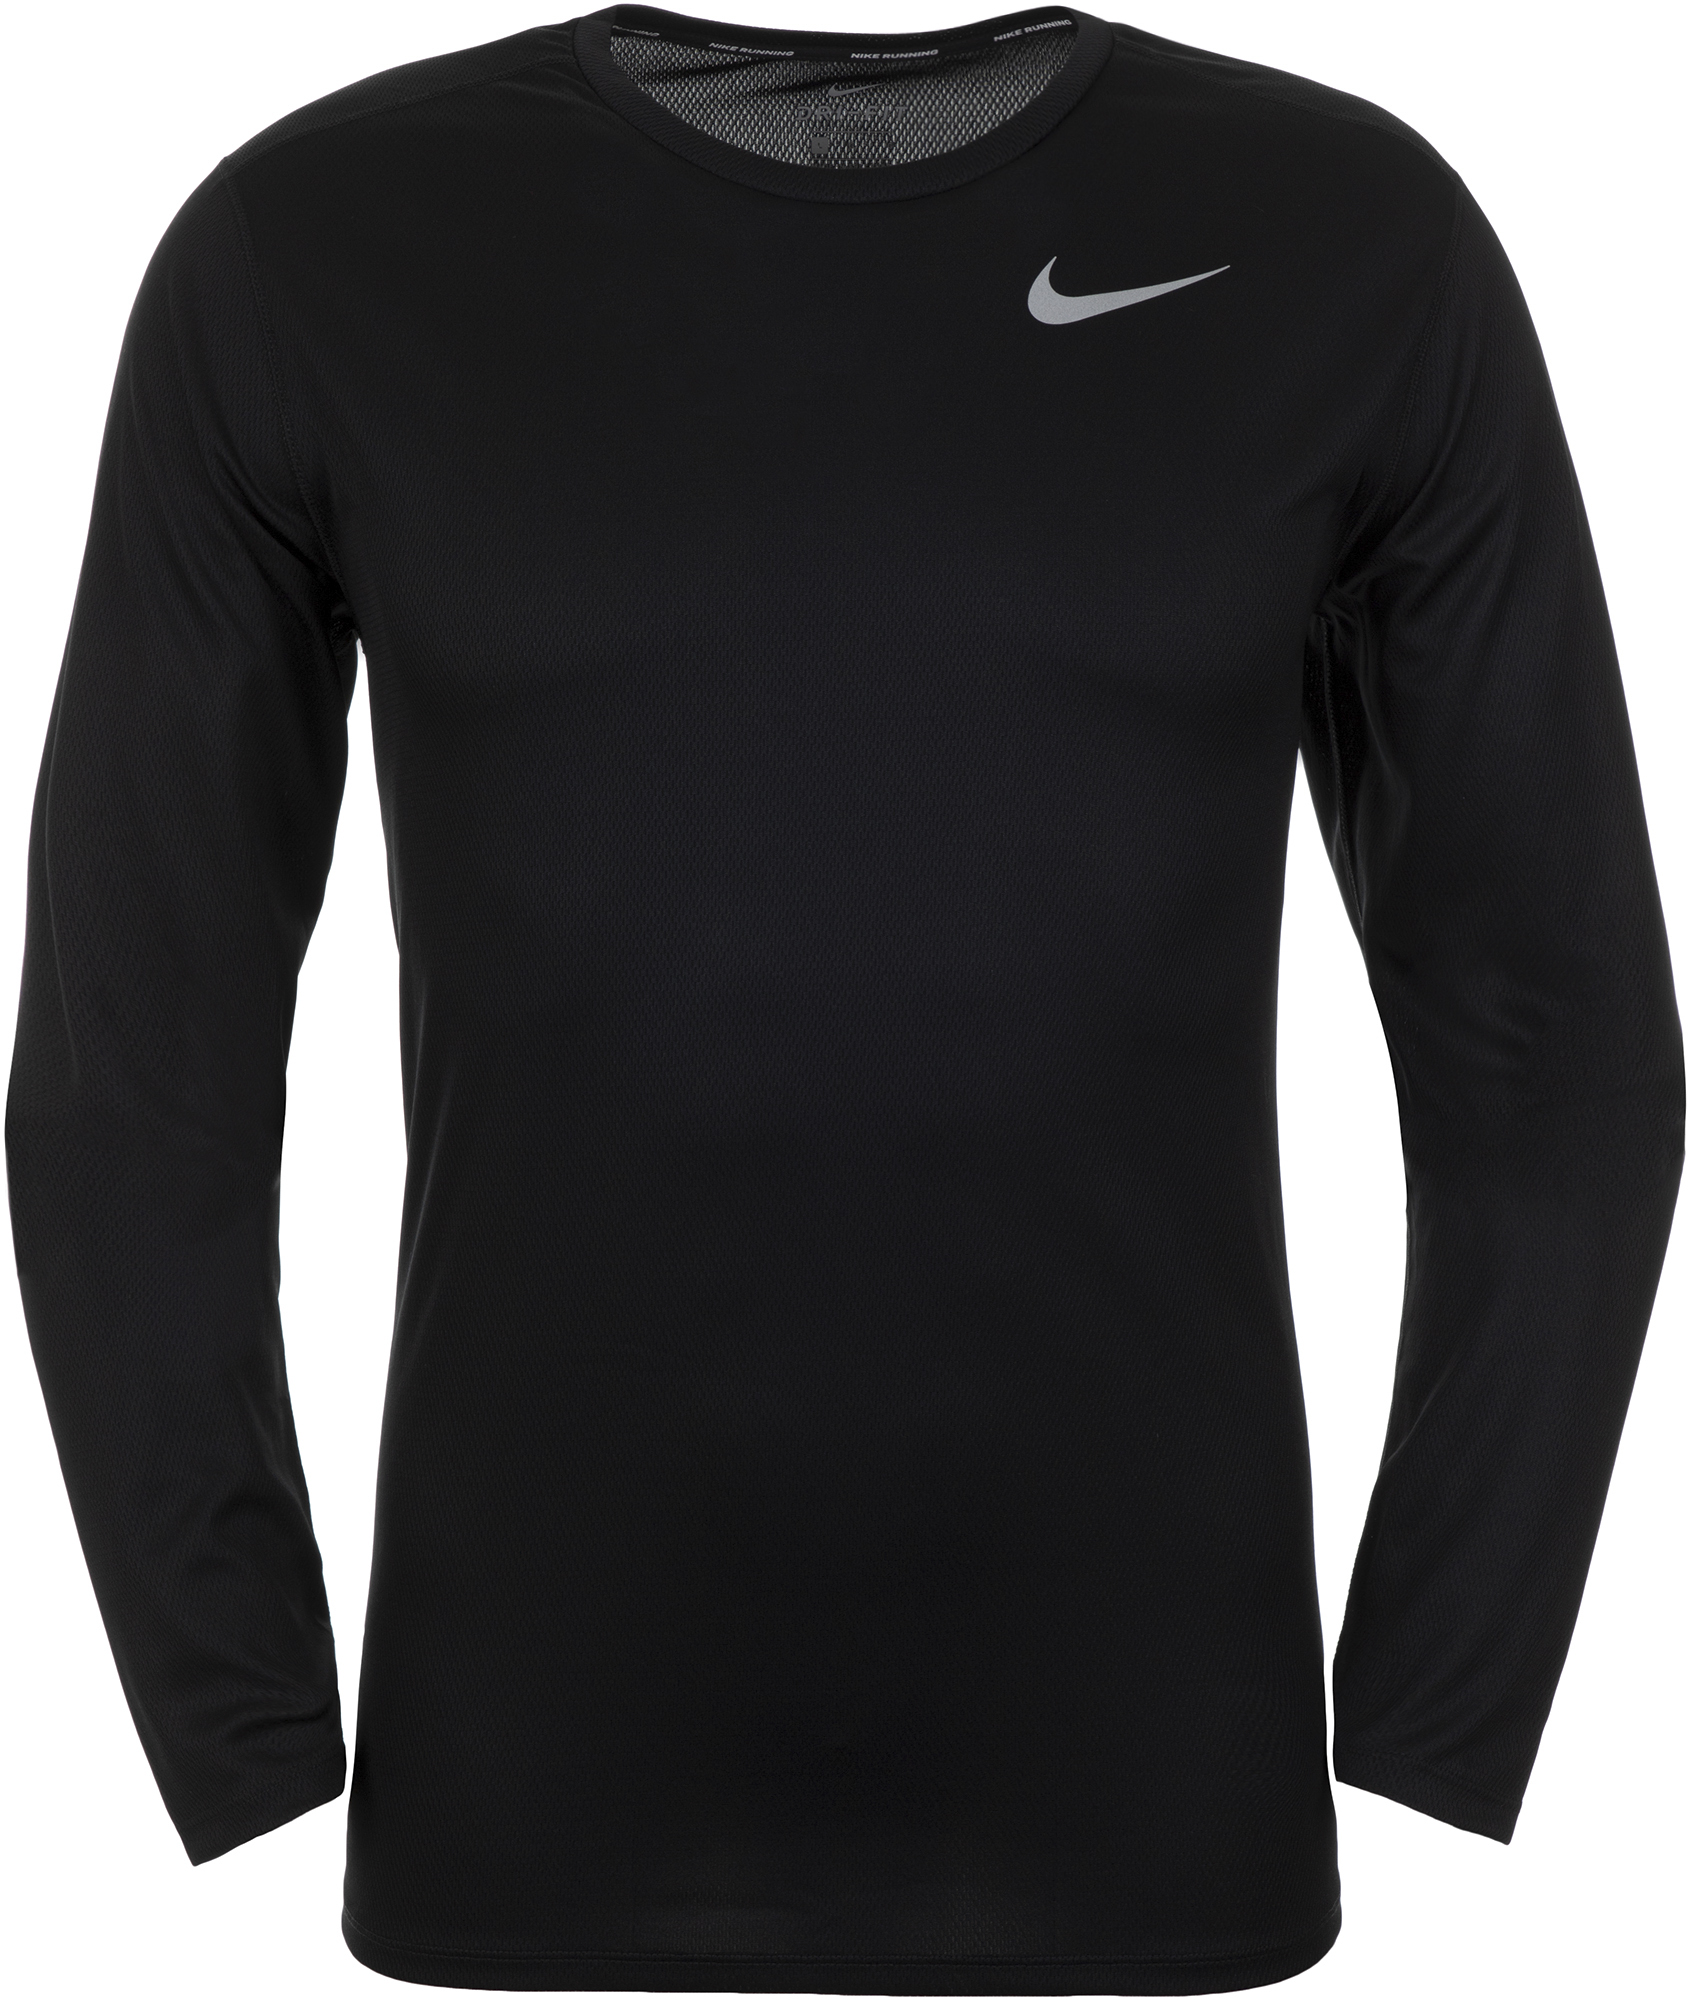 Nike Футболка с длинным рукавом мужская Nike Breathe, размер 52-54 все цены